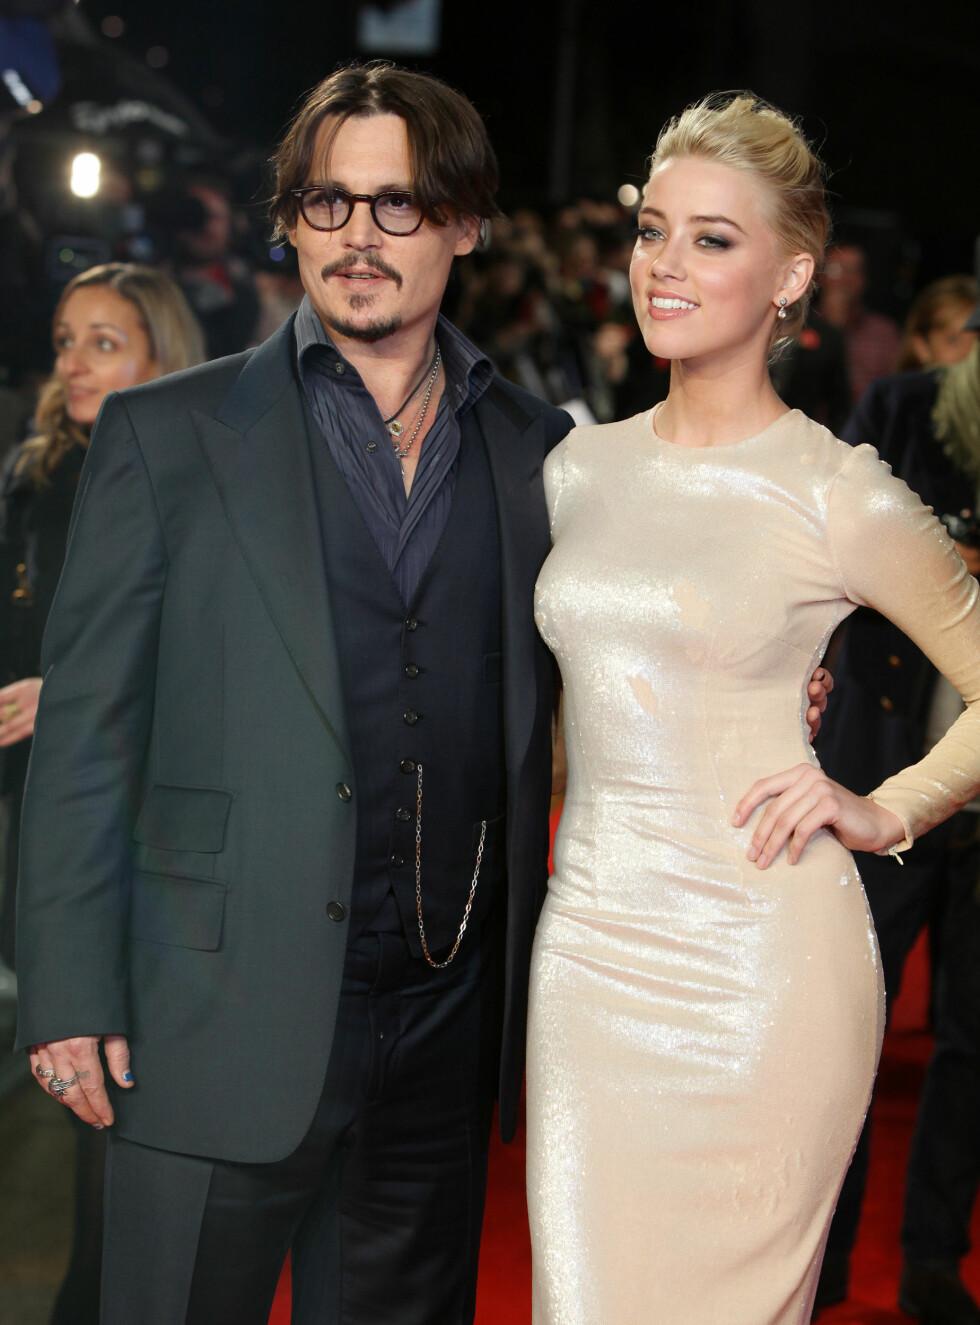 BRUDD: Etter litt over ett år som mann og kone ble det i mai kjent at superparet Johnny Depp og Amber Heard skulle skilles. Foto: NTB Scanpix